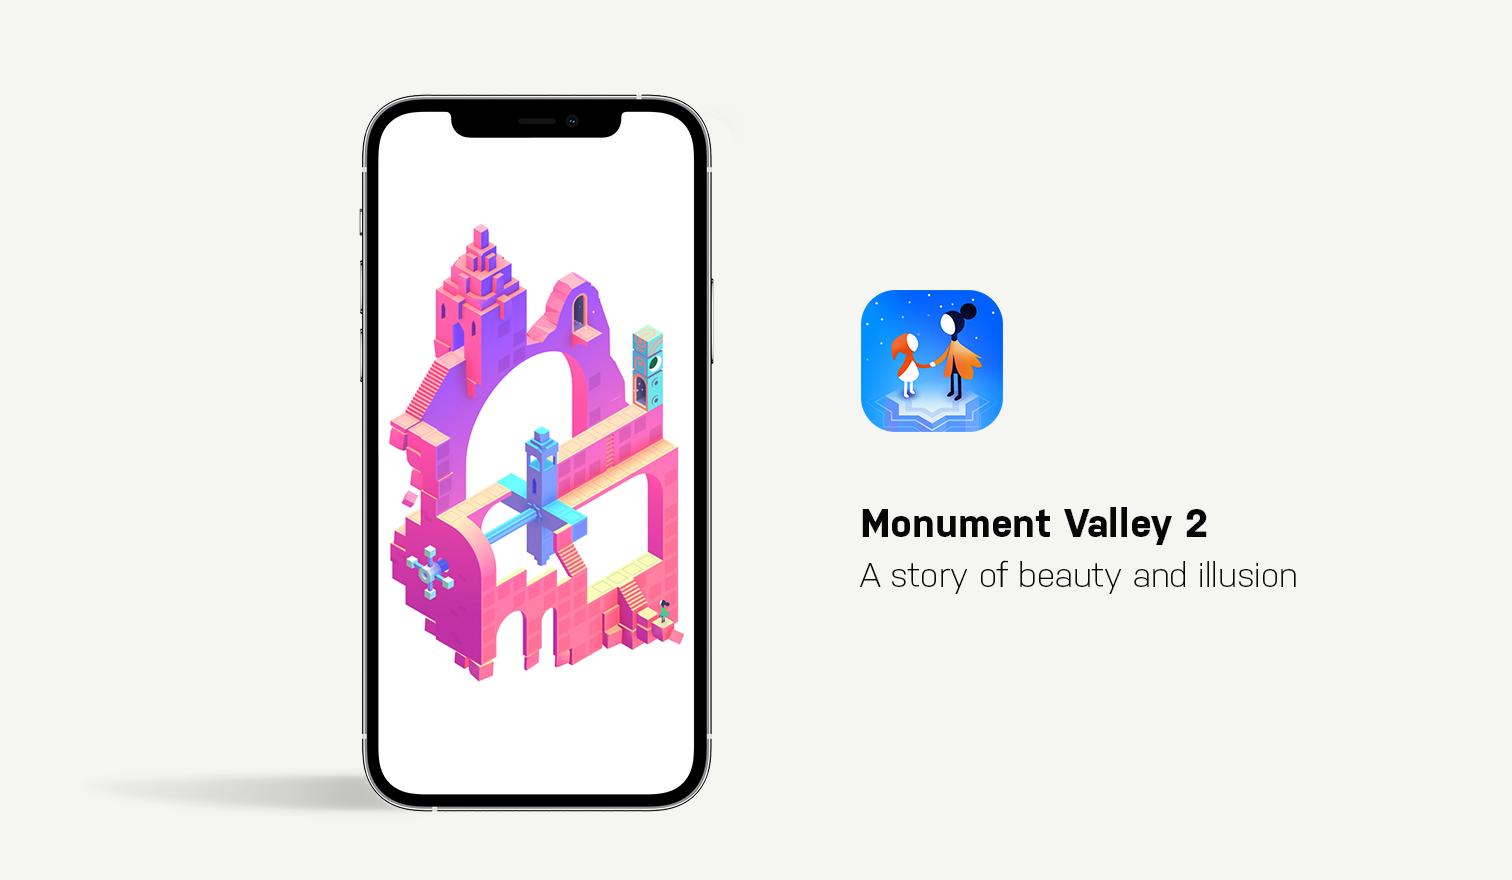 Mounument valley 2